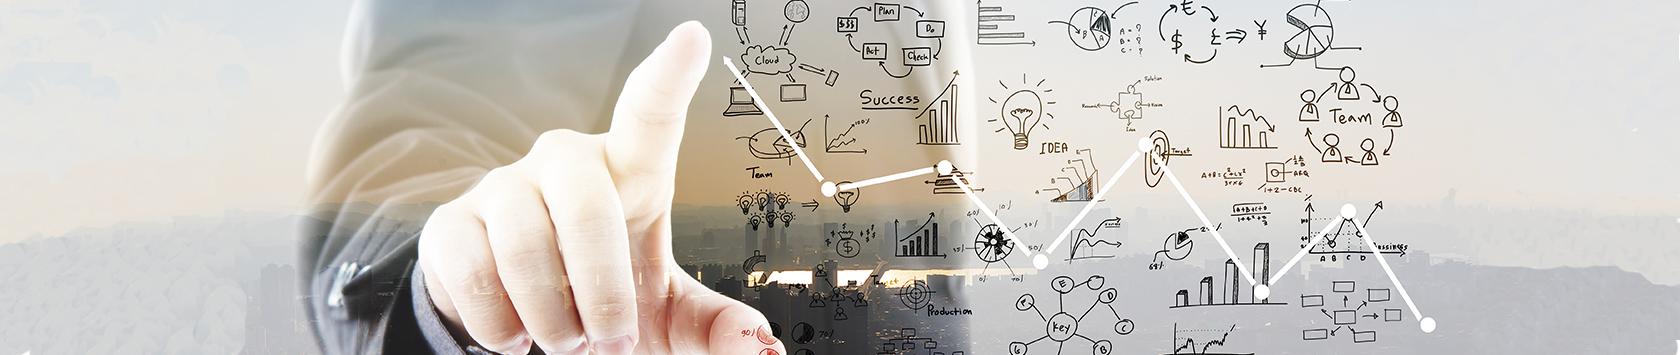 5-erores-el-emprender-un-negocio